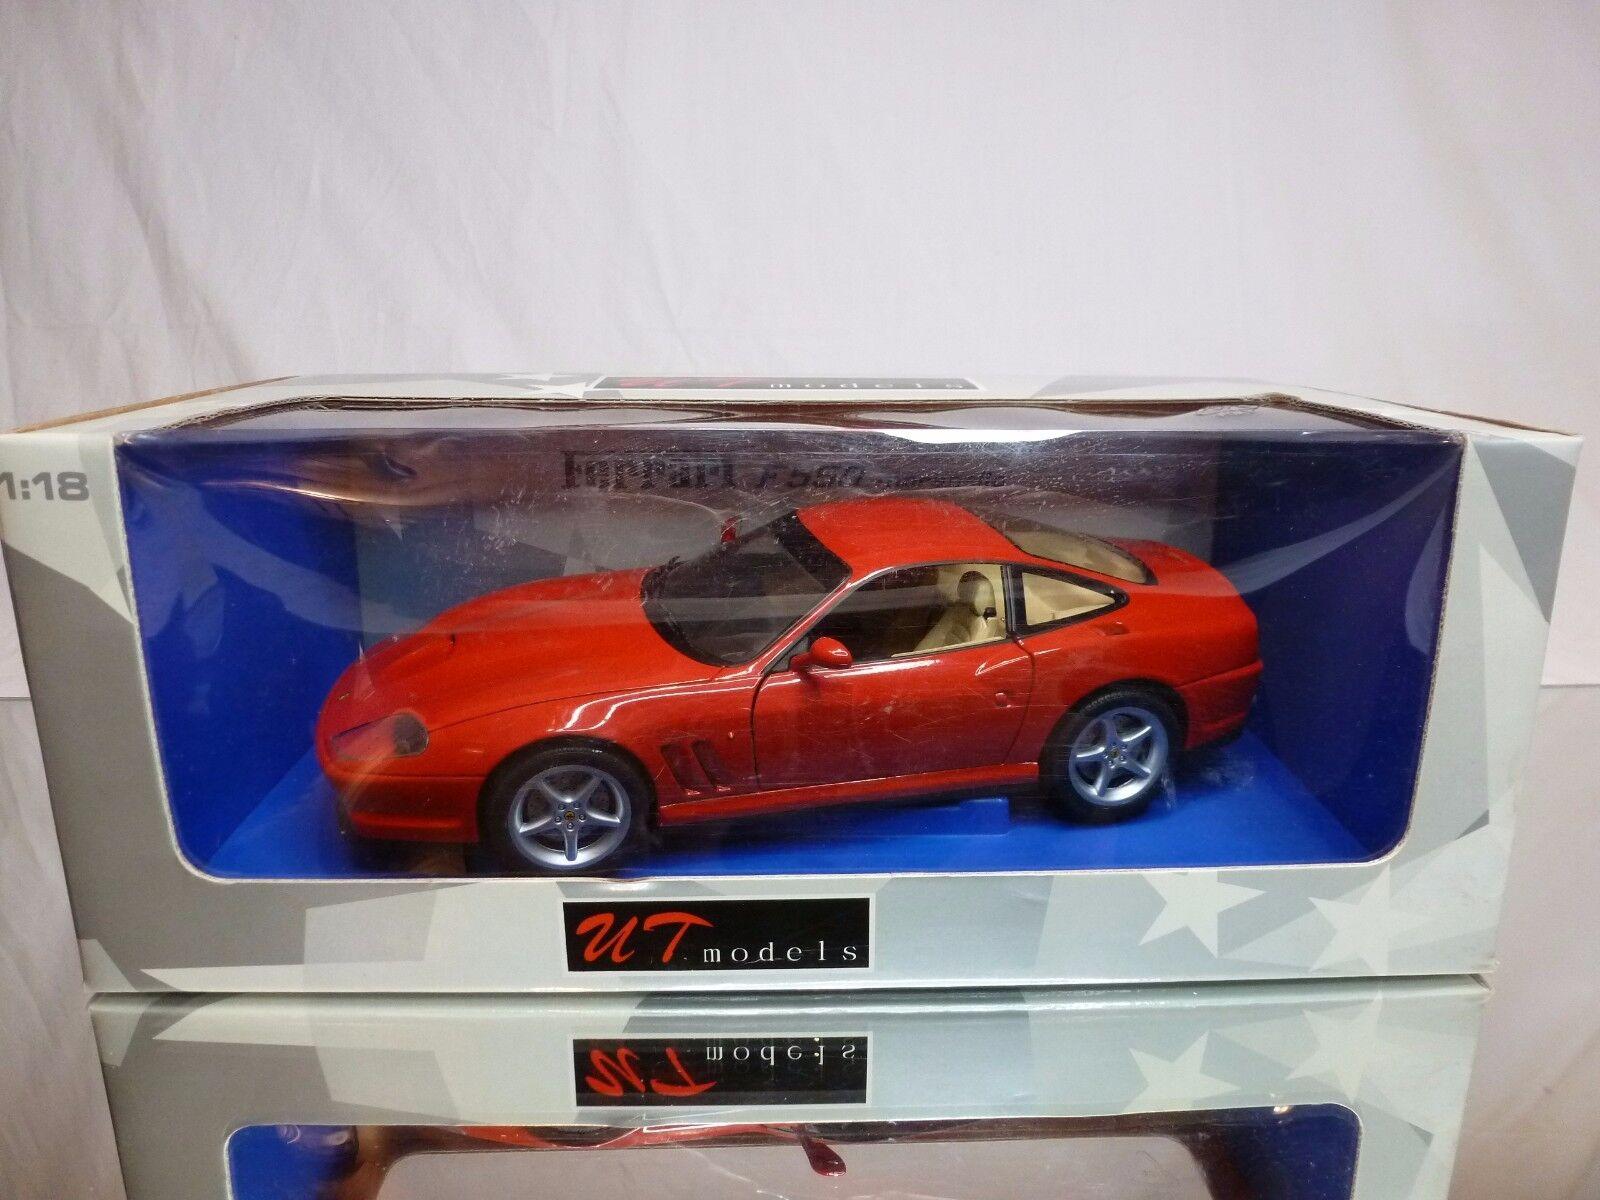 UT MODELS 21884 FERRARI F550 MARANELLO - RED 1:18 - EXCELLENT CONDITION IN BOX